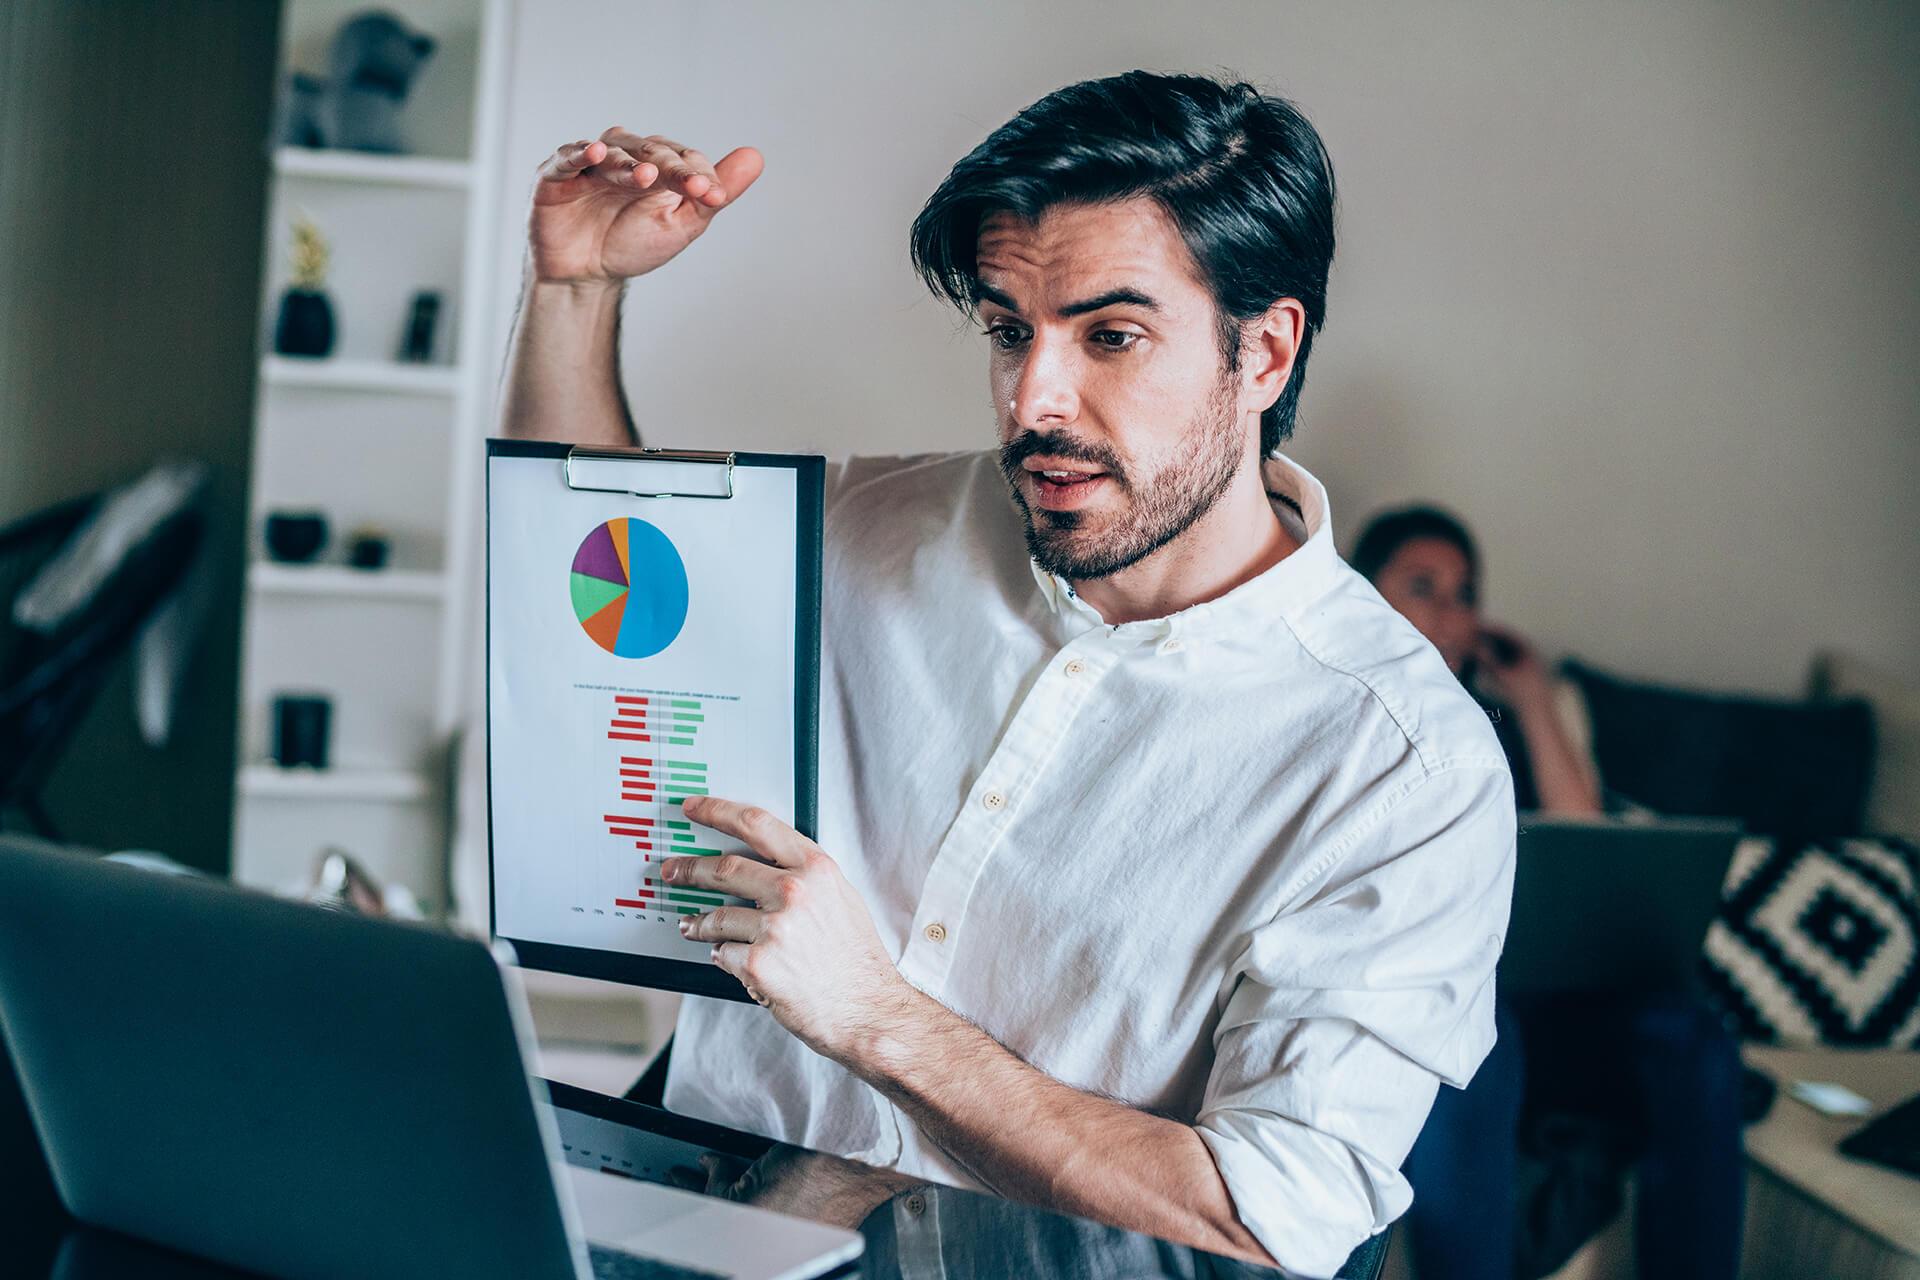 Mann holder presentasjon via laptop